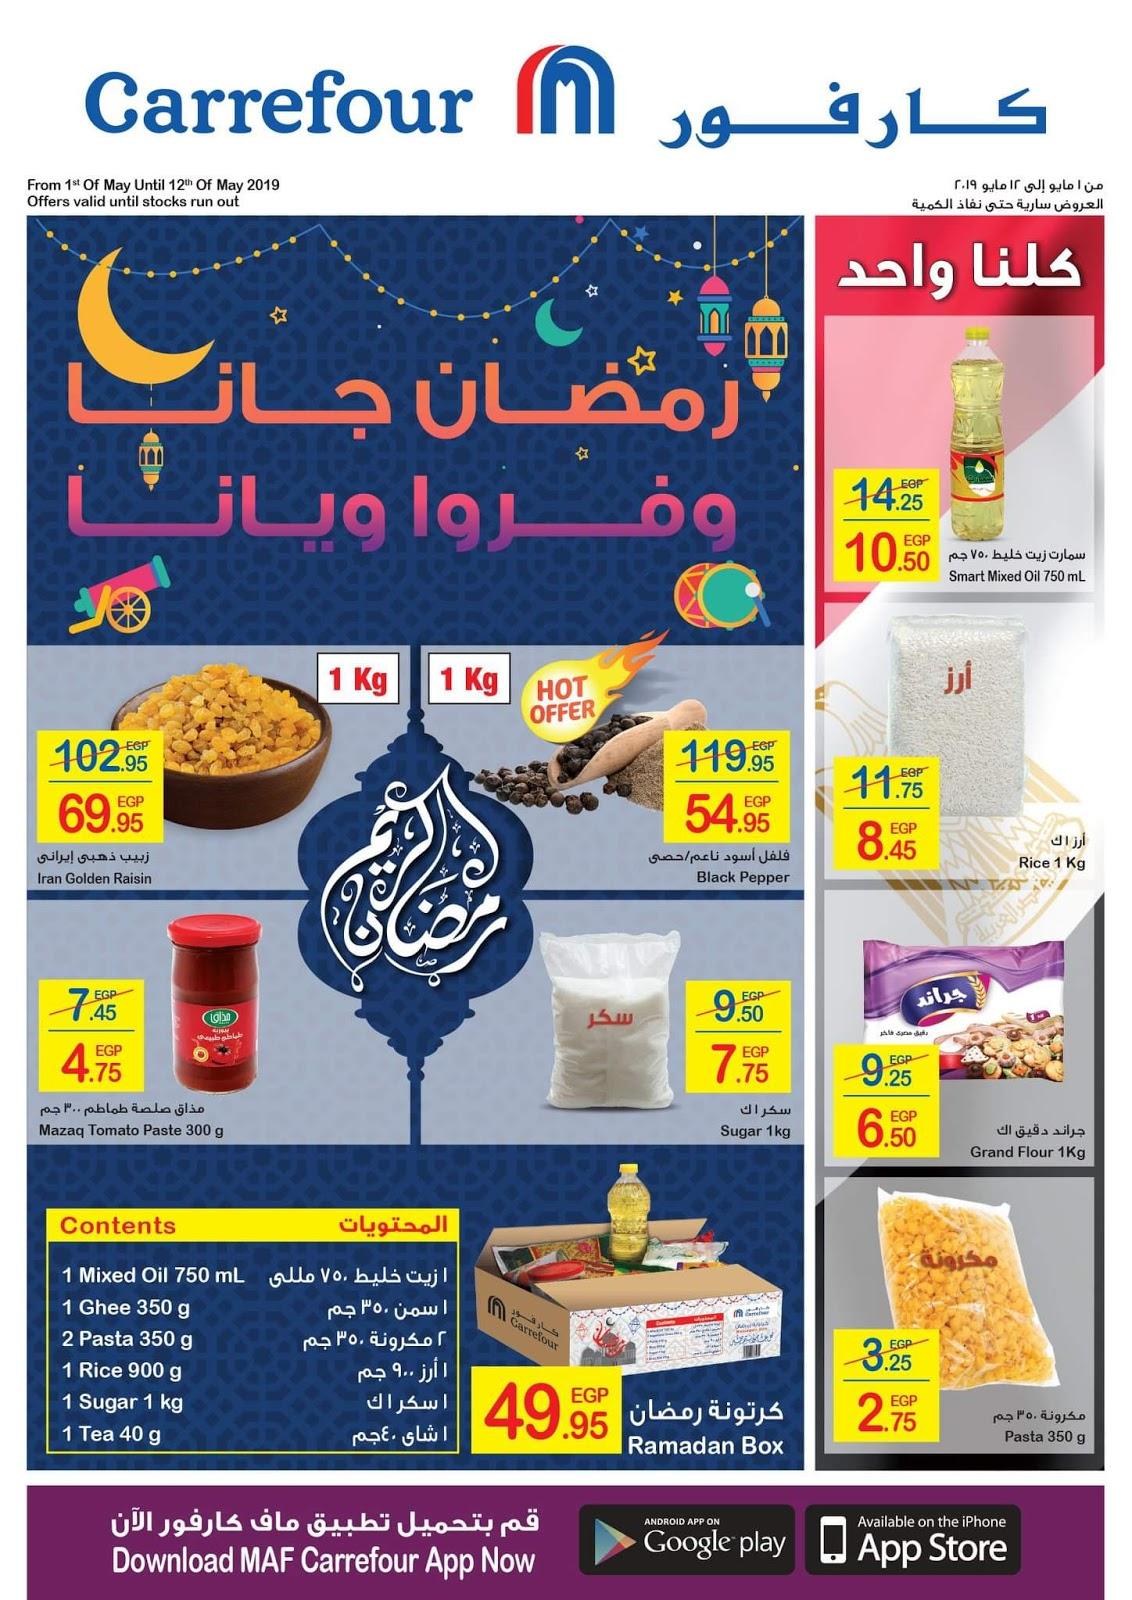 962ceb44e عروض كارفور مصر عروض رمضان من 1 مايو حتى 12 مايو 2019